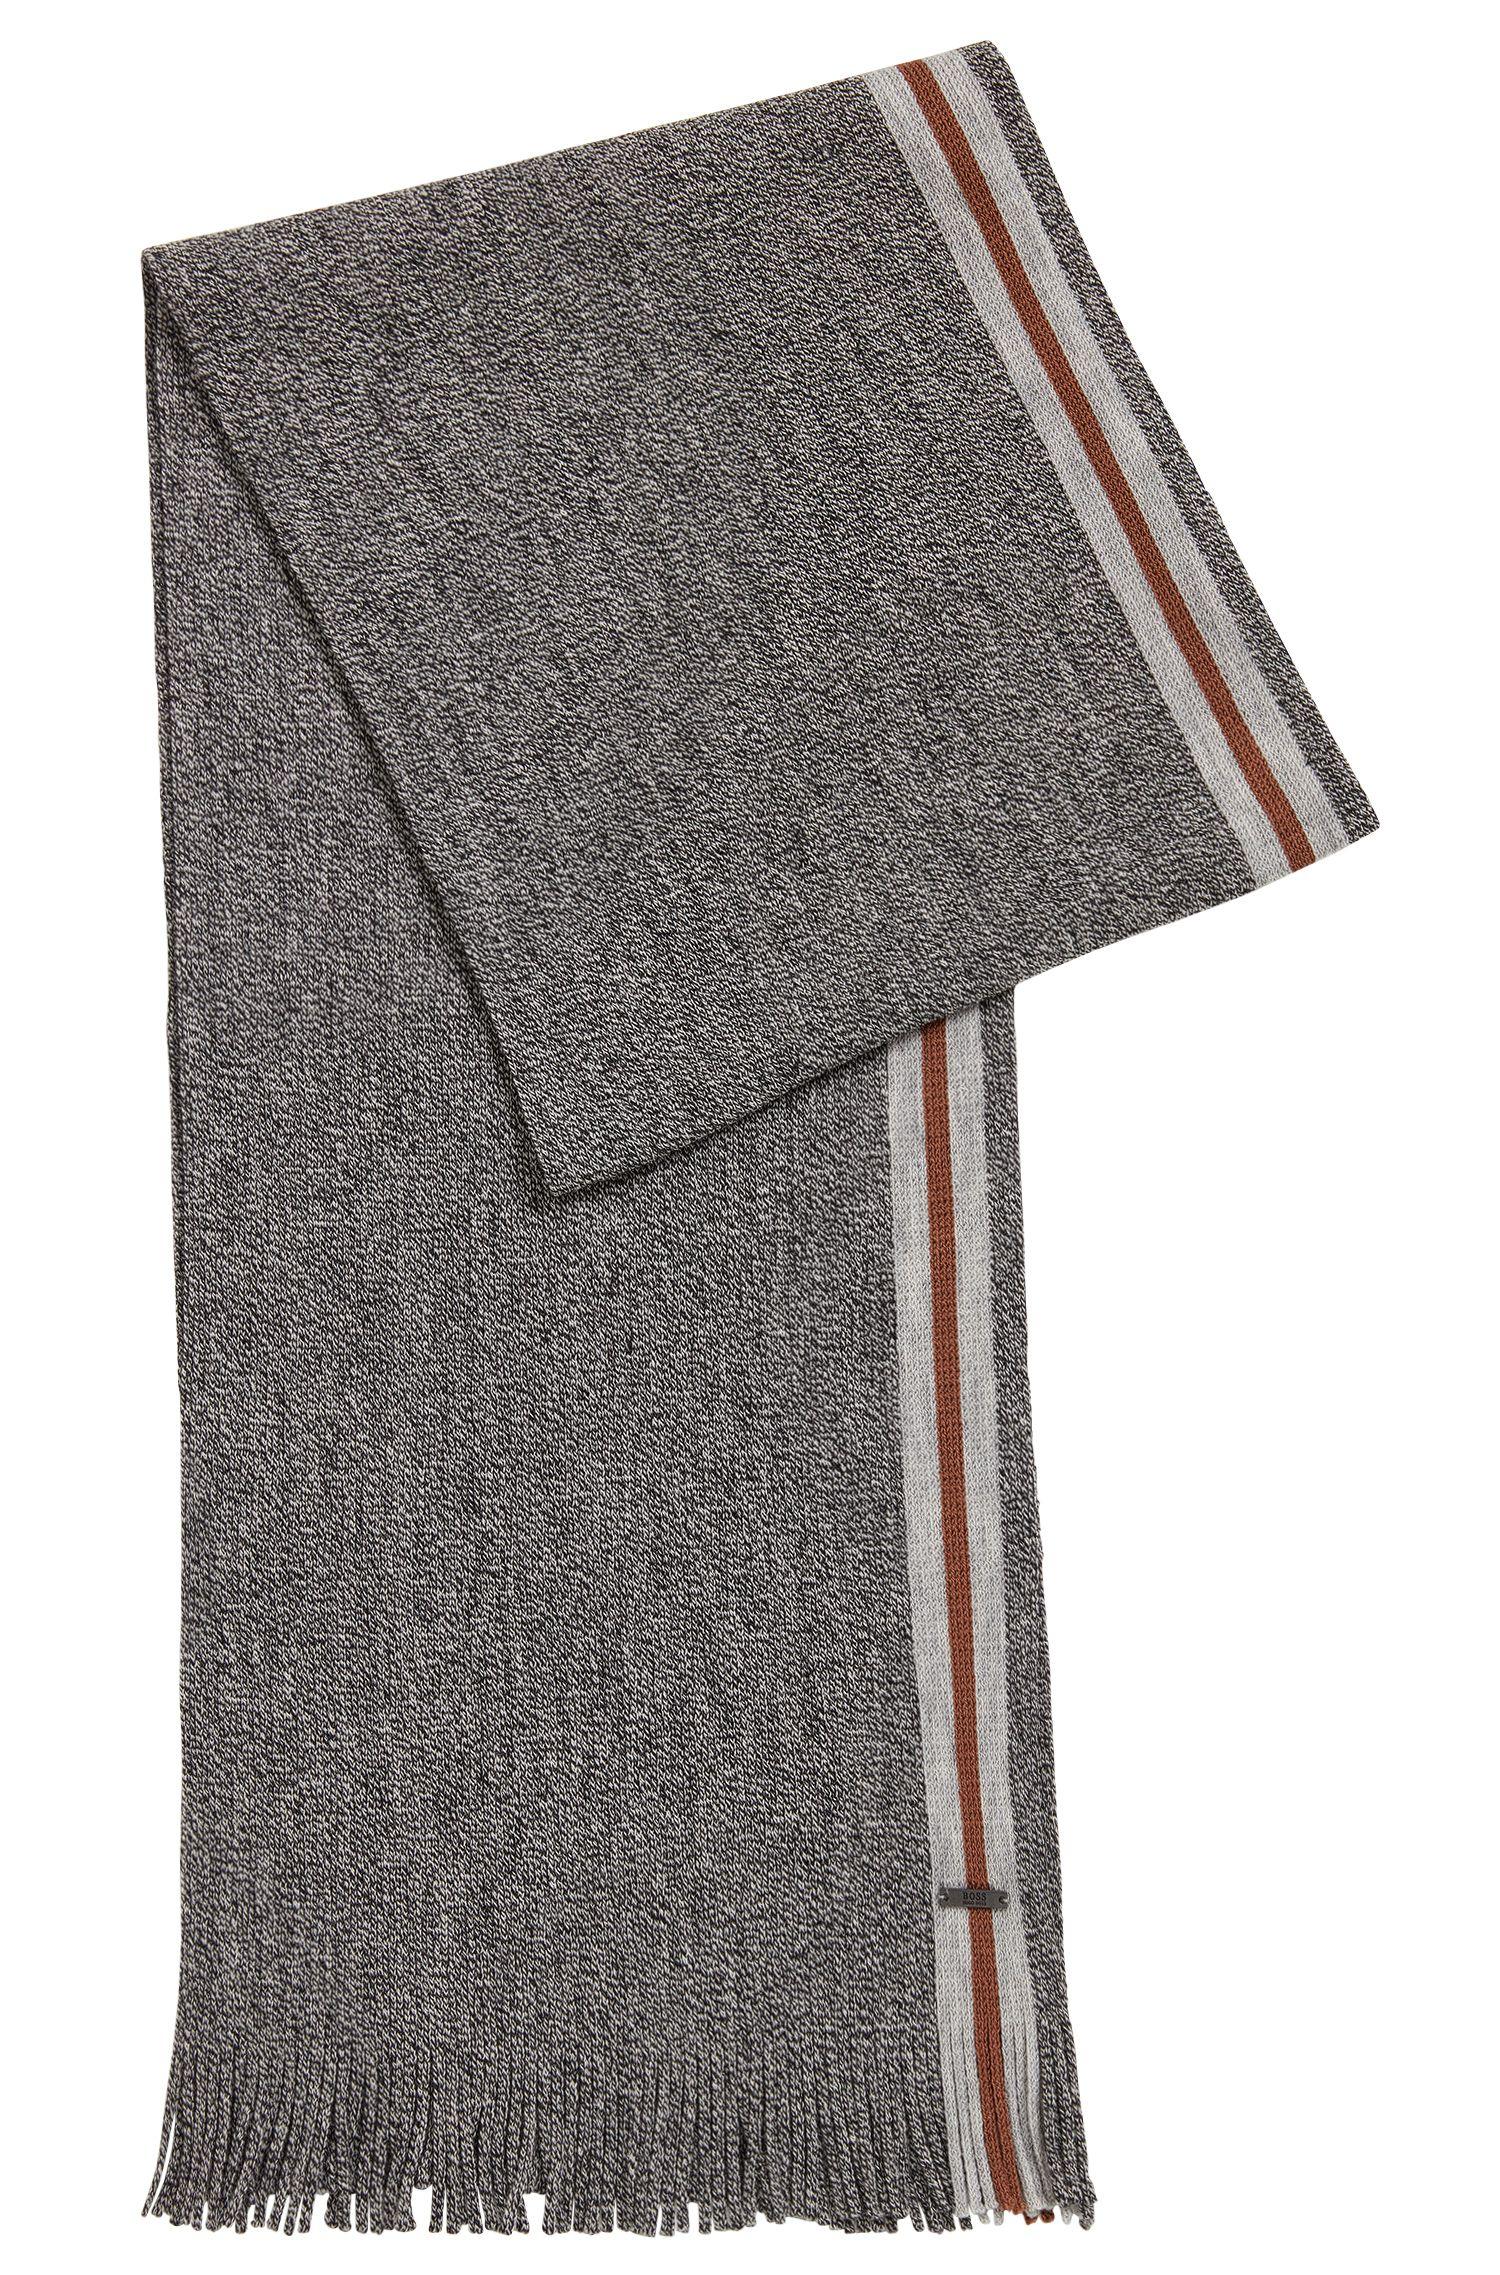 Écharpe en laine vierge moulinée avec une bande à rayures